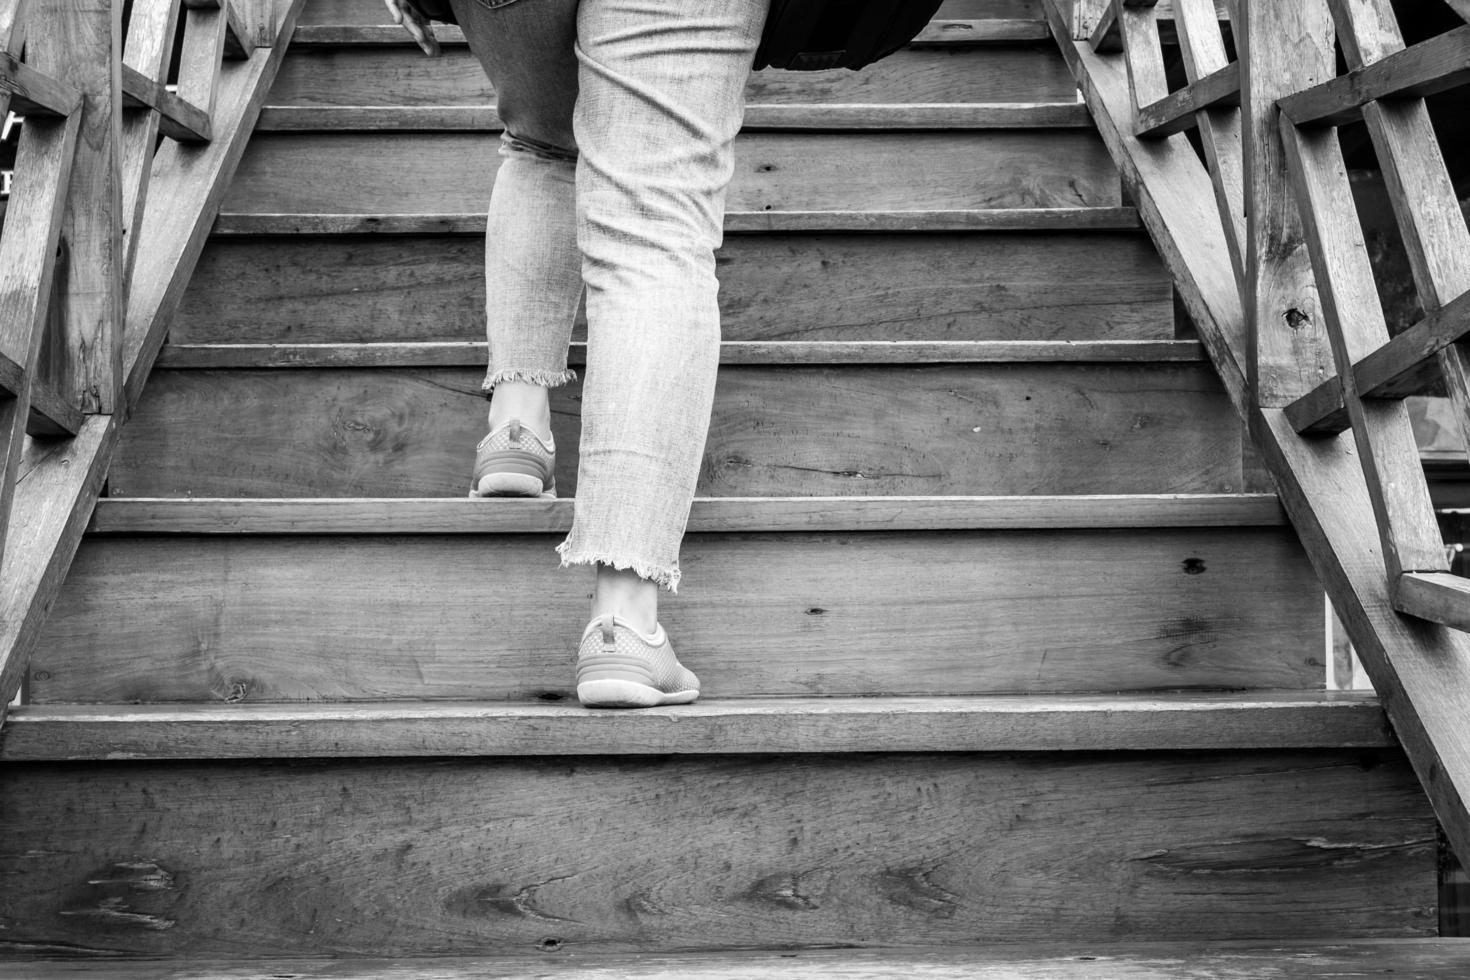 Frau geht die Treppe hinauf foto